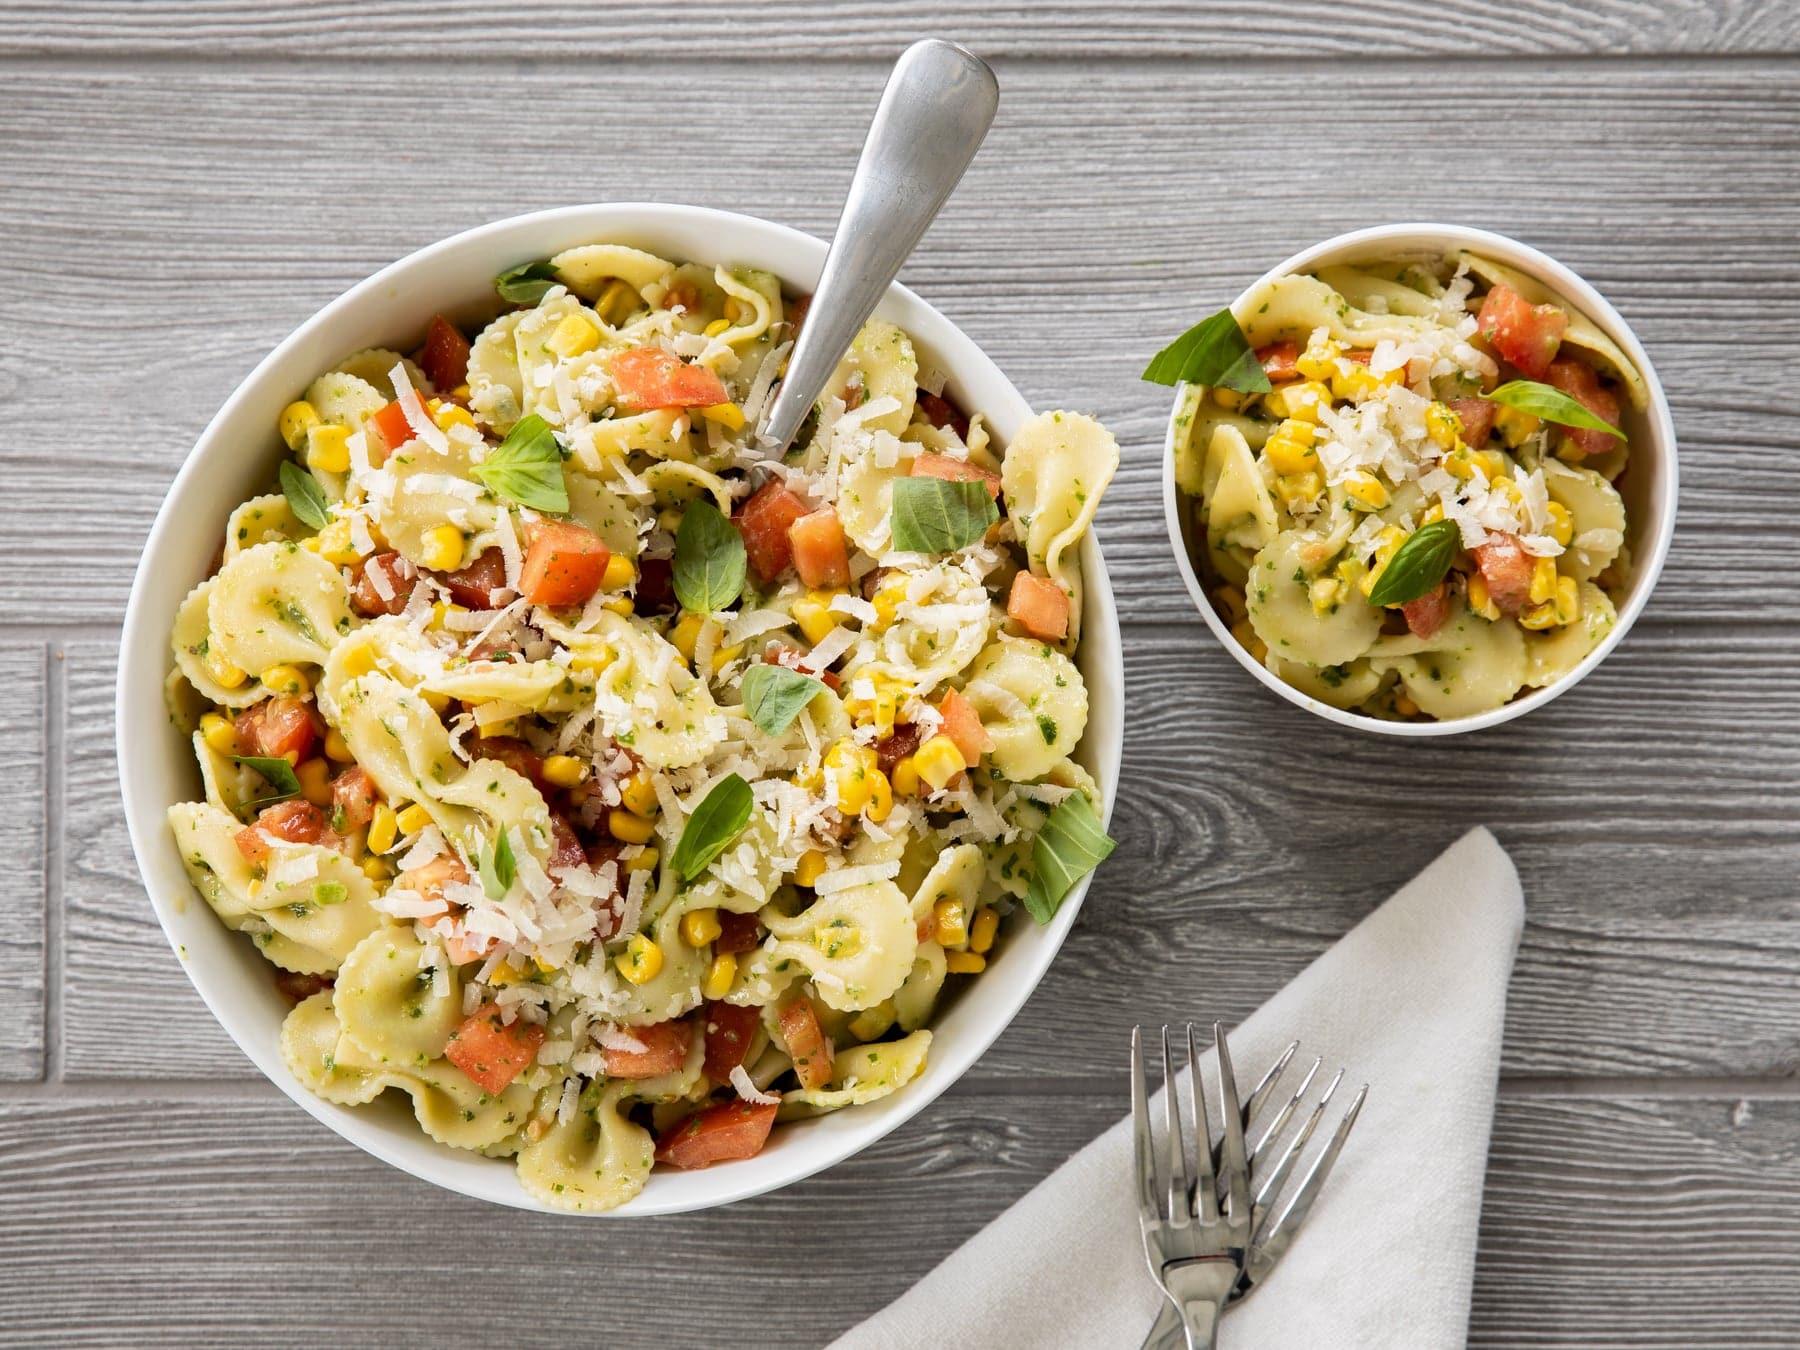 Marzetti_Corn and Tomato Pasta Salad-0204